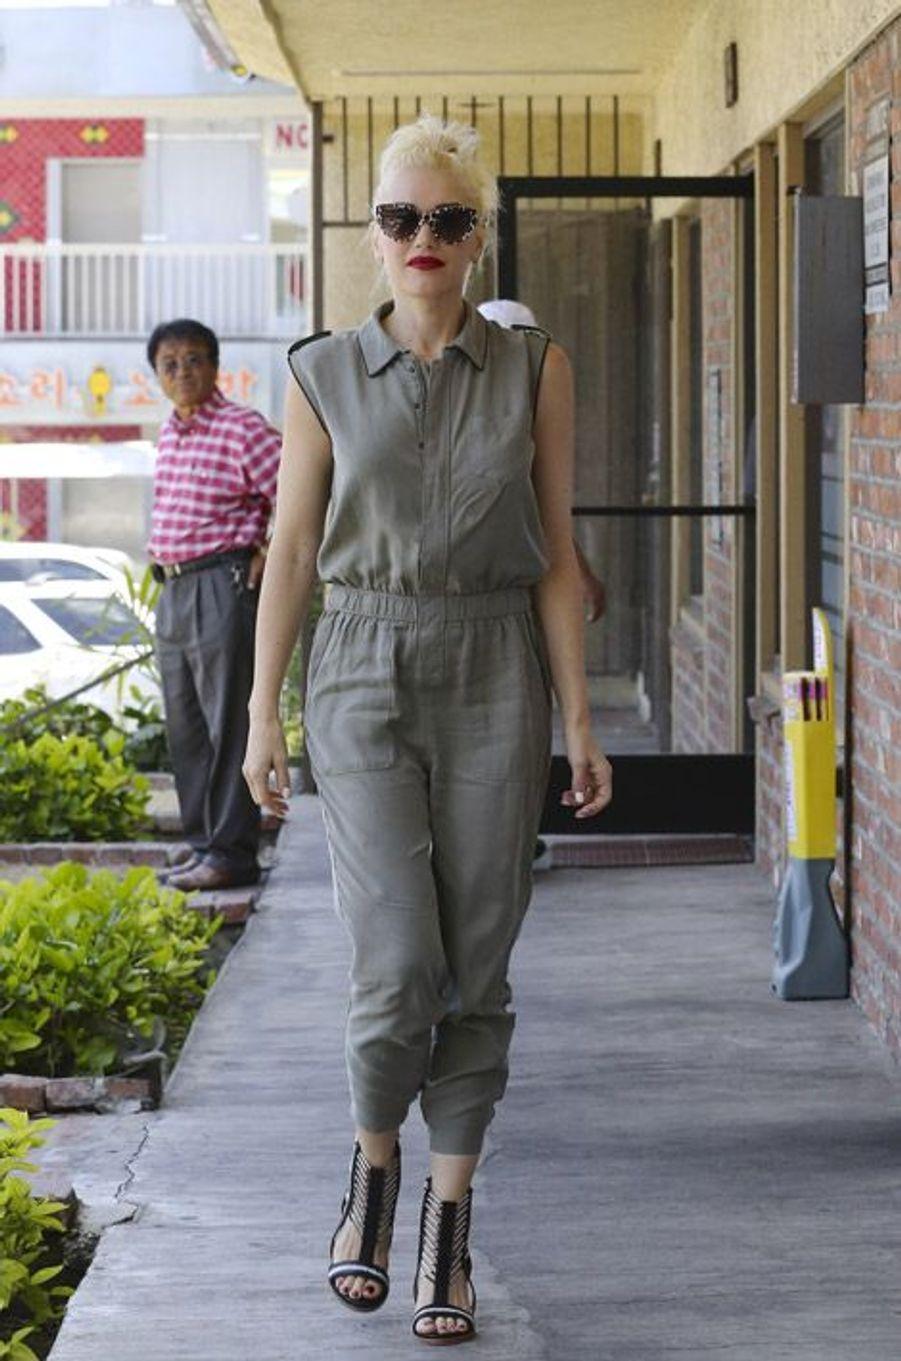 La chanteuse Gwen Stefani en combinaison kaki à Los Angeles, le 27 juin 2014